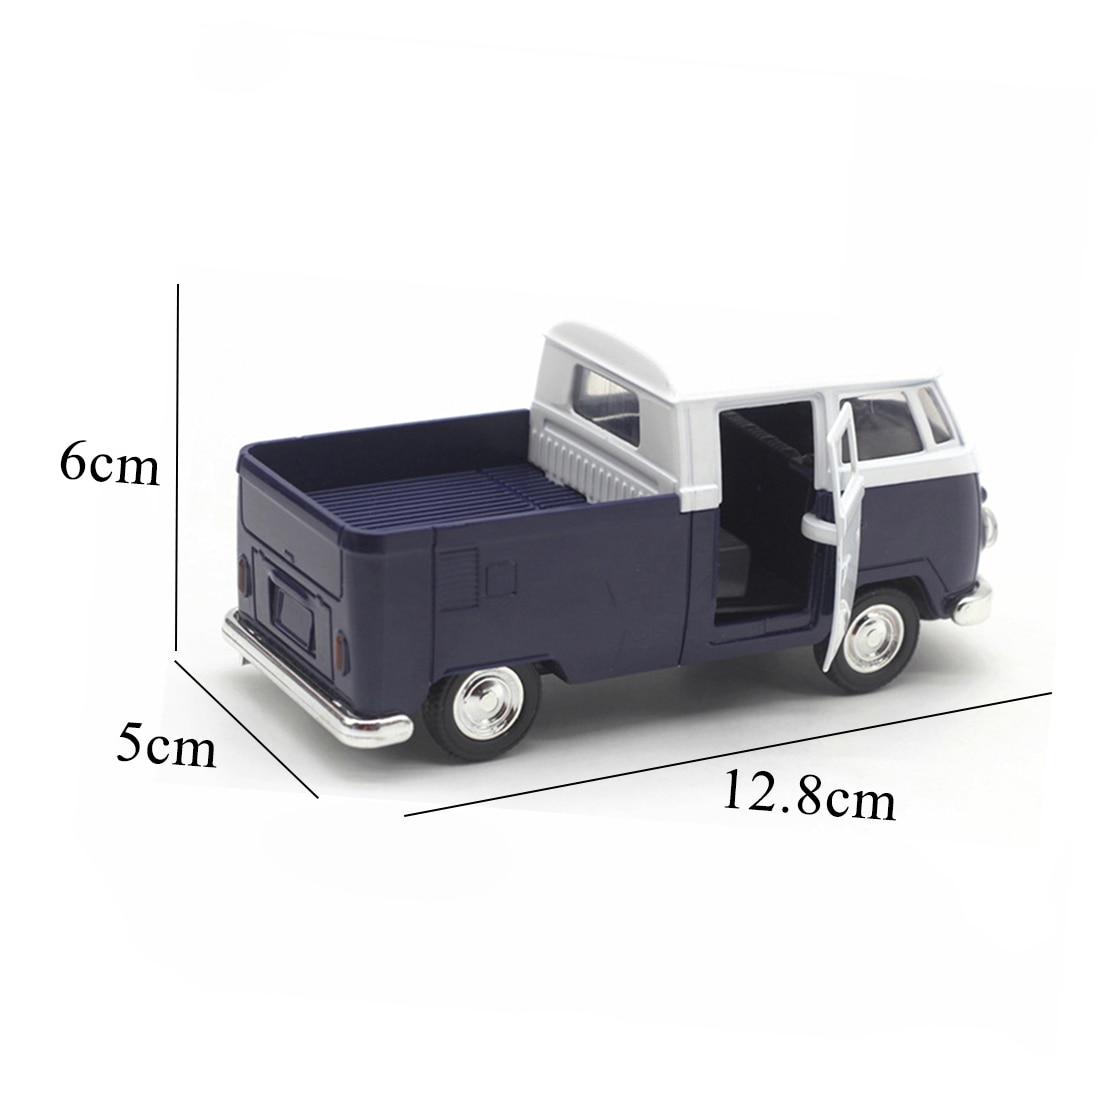 Горячая Распродажа синий моделирование 1:32 звук и свет музыка Ретро Ван сплав модель